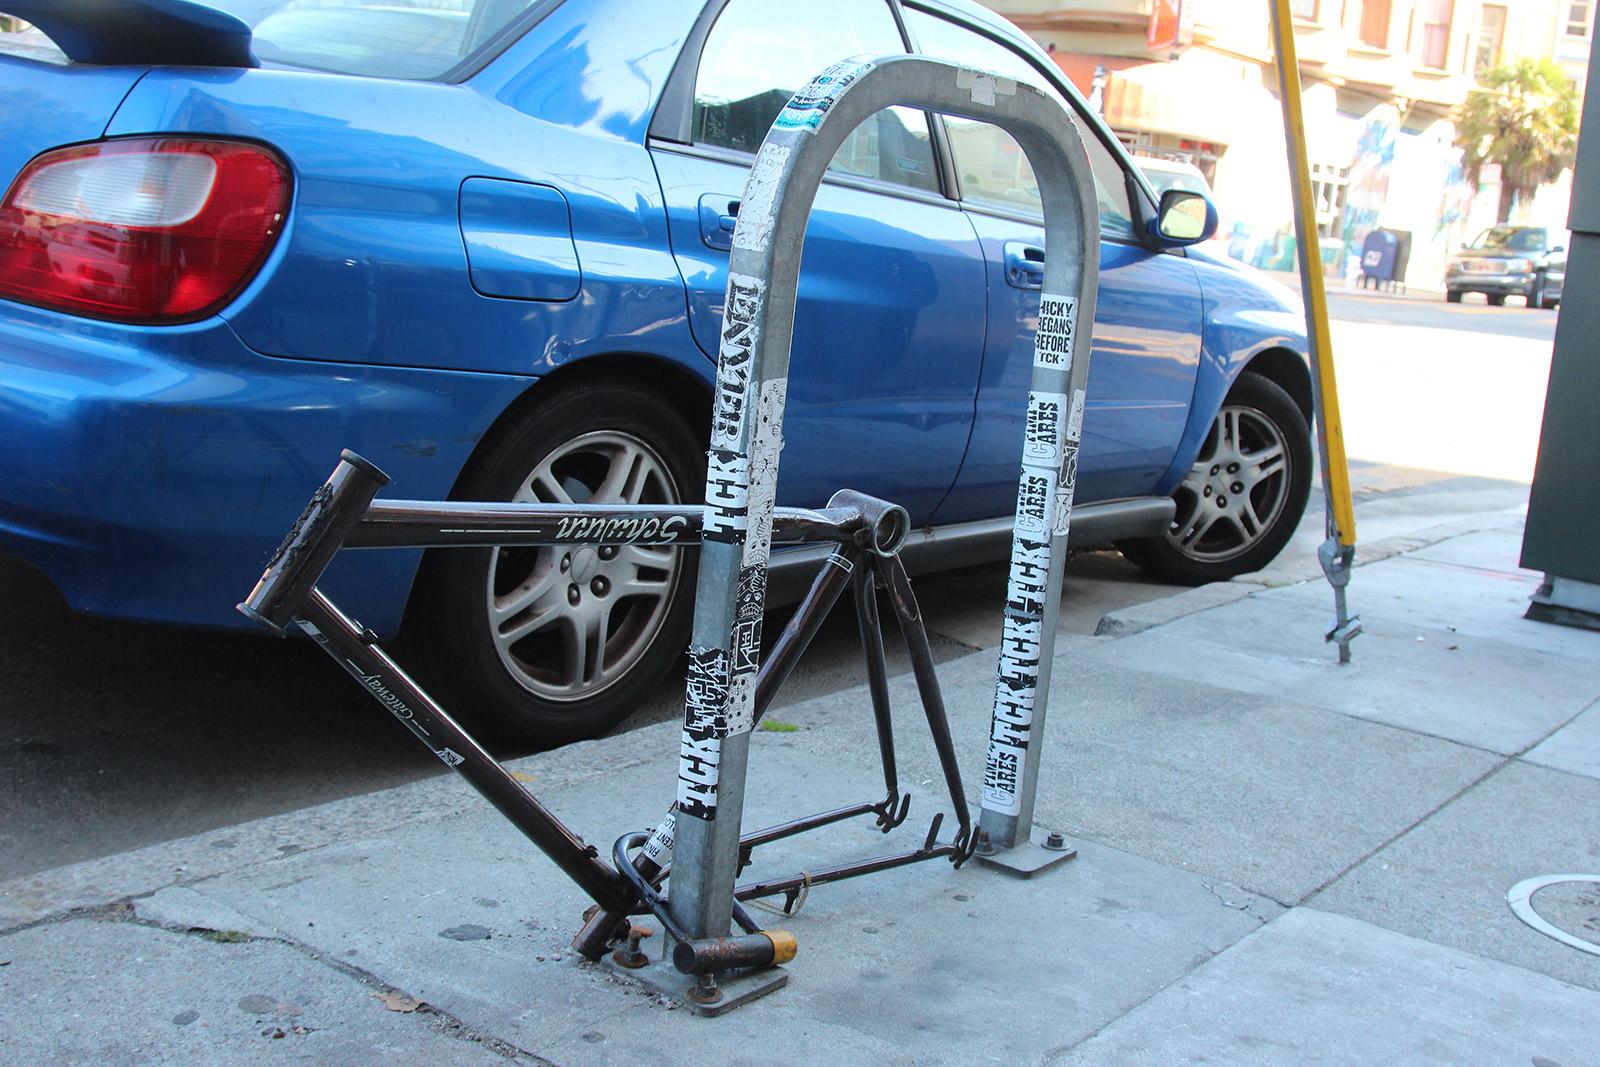 SNAP: Sad Bike